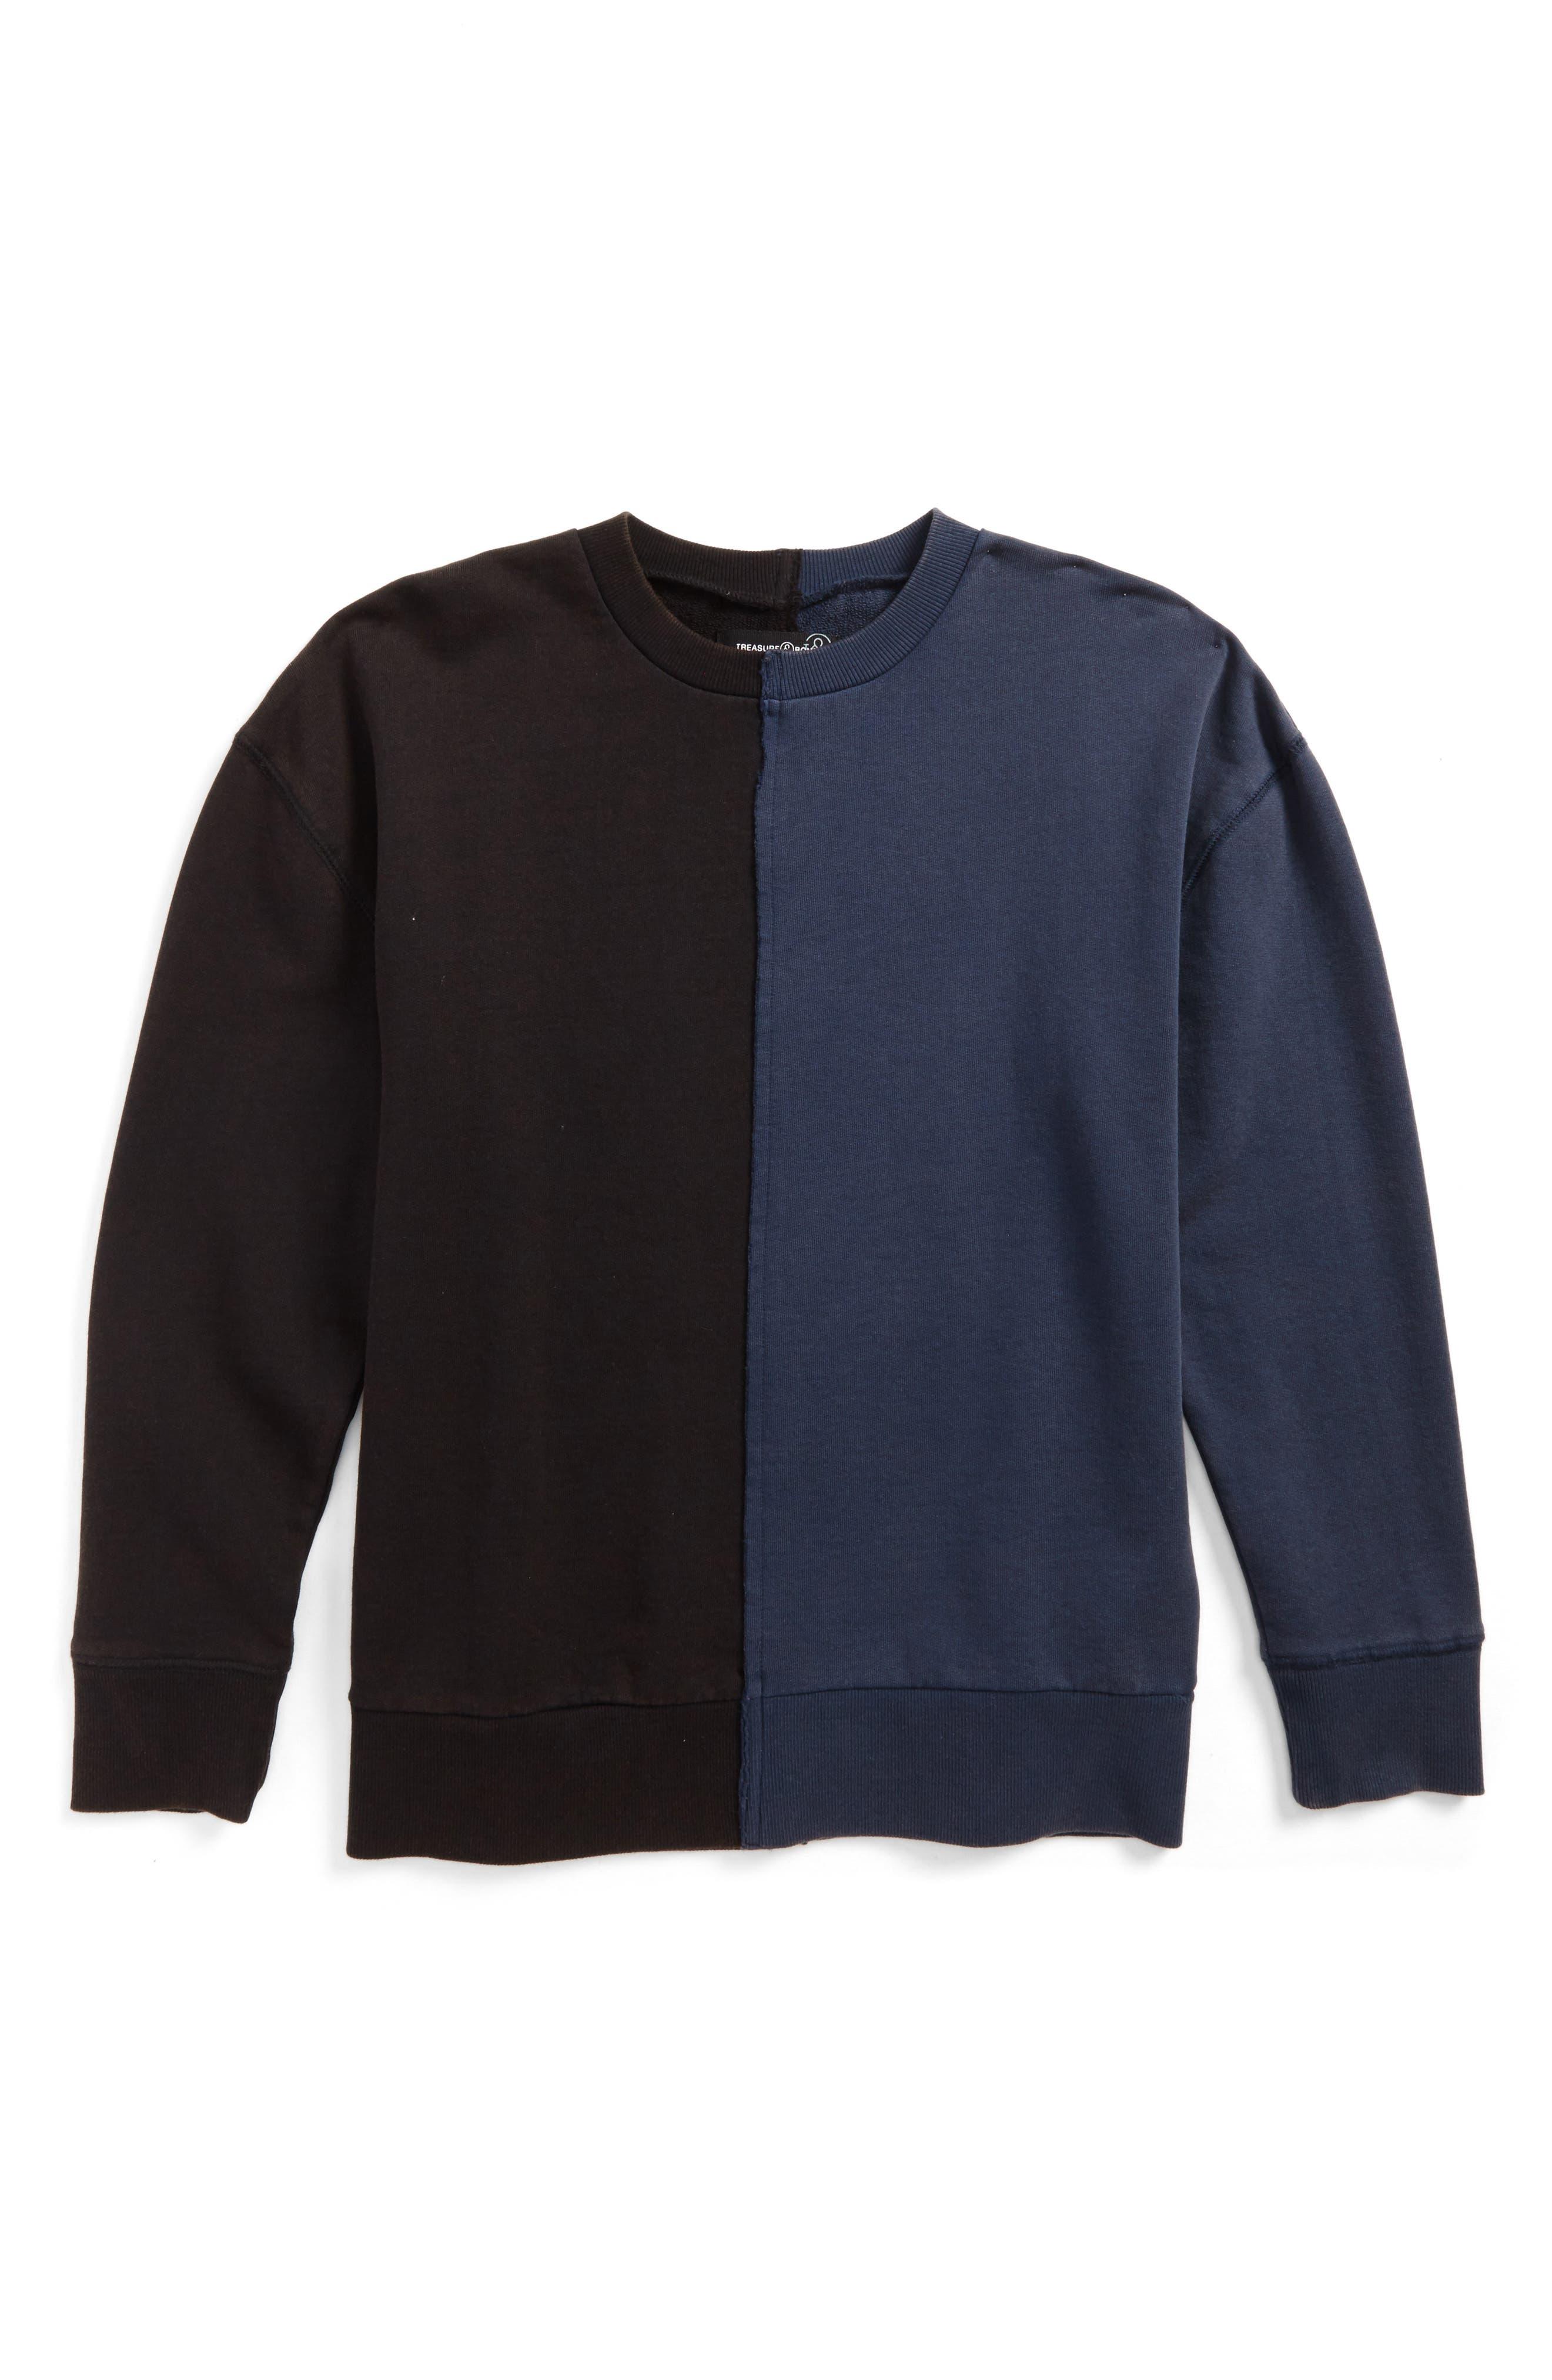 Alternate Image 1 Selected - Treasure & Bond Color Splice Sweatshirt (Big Boys)